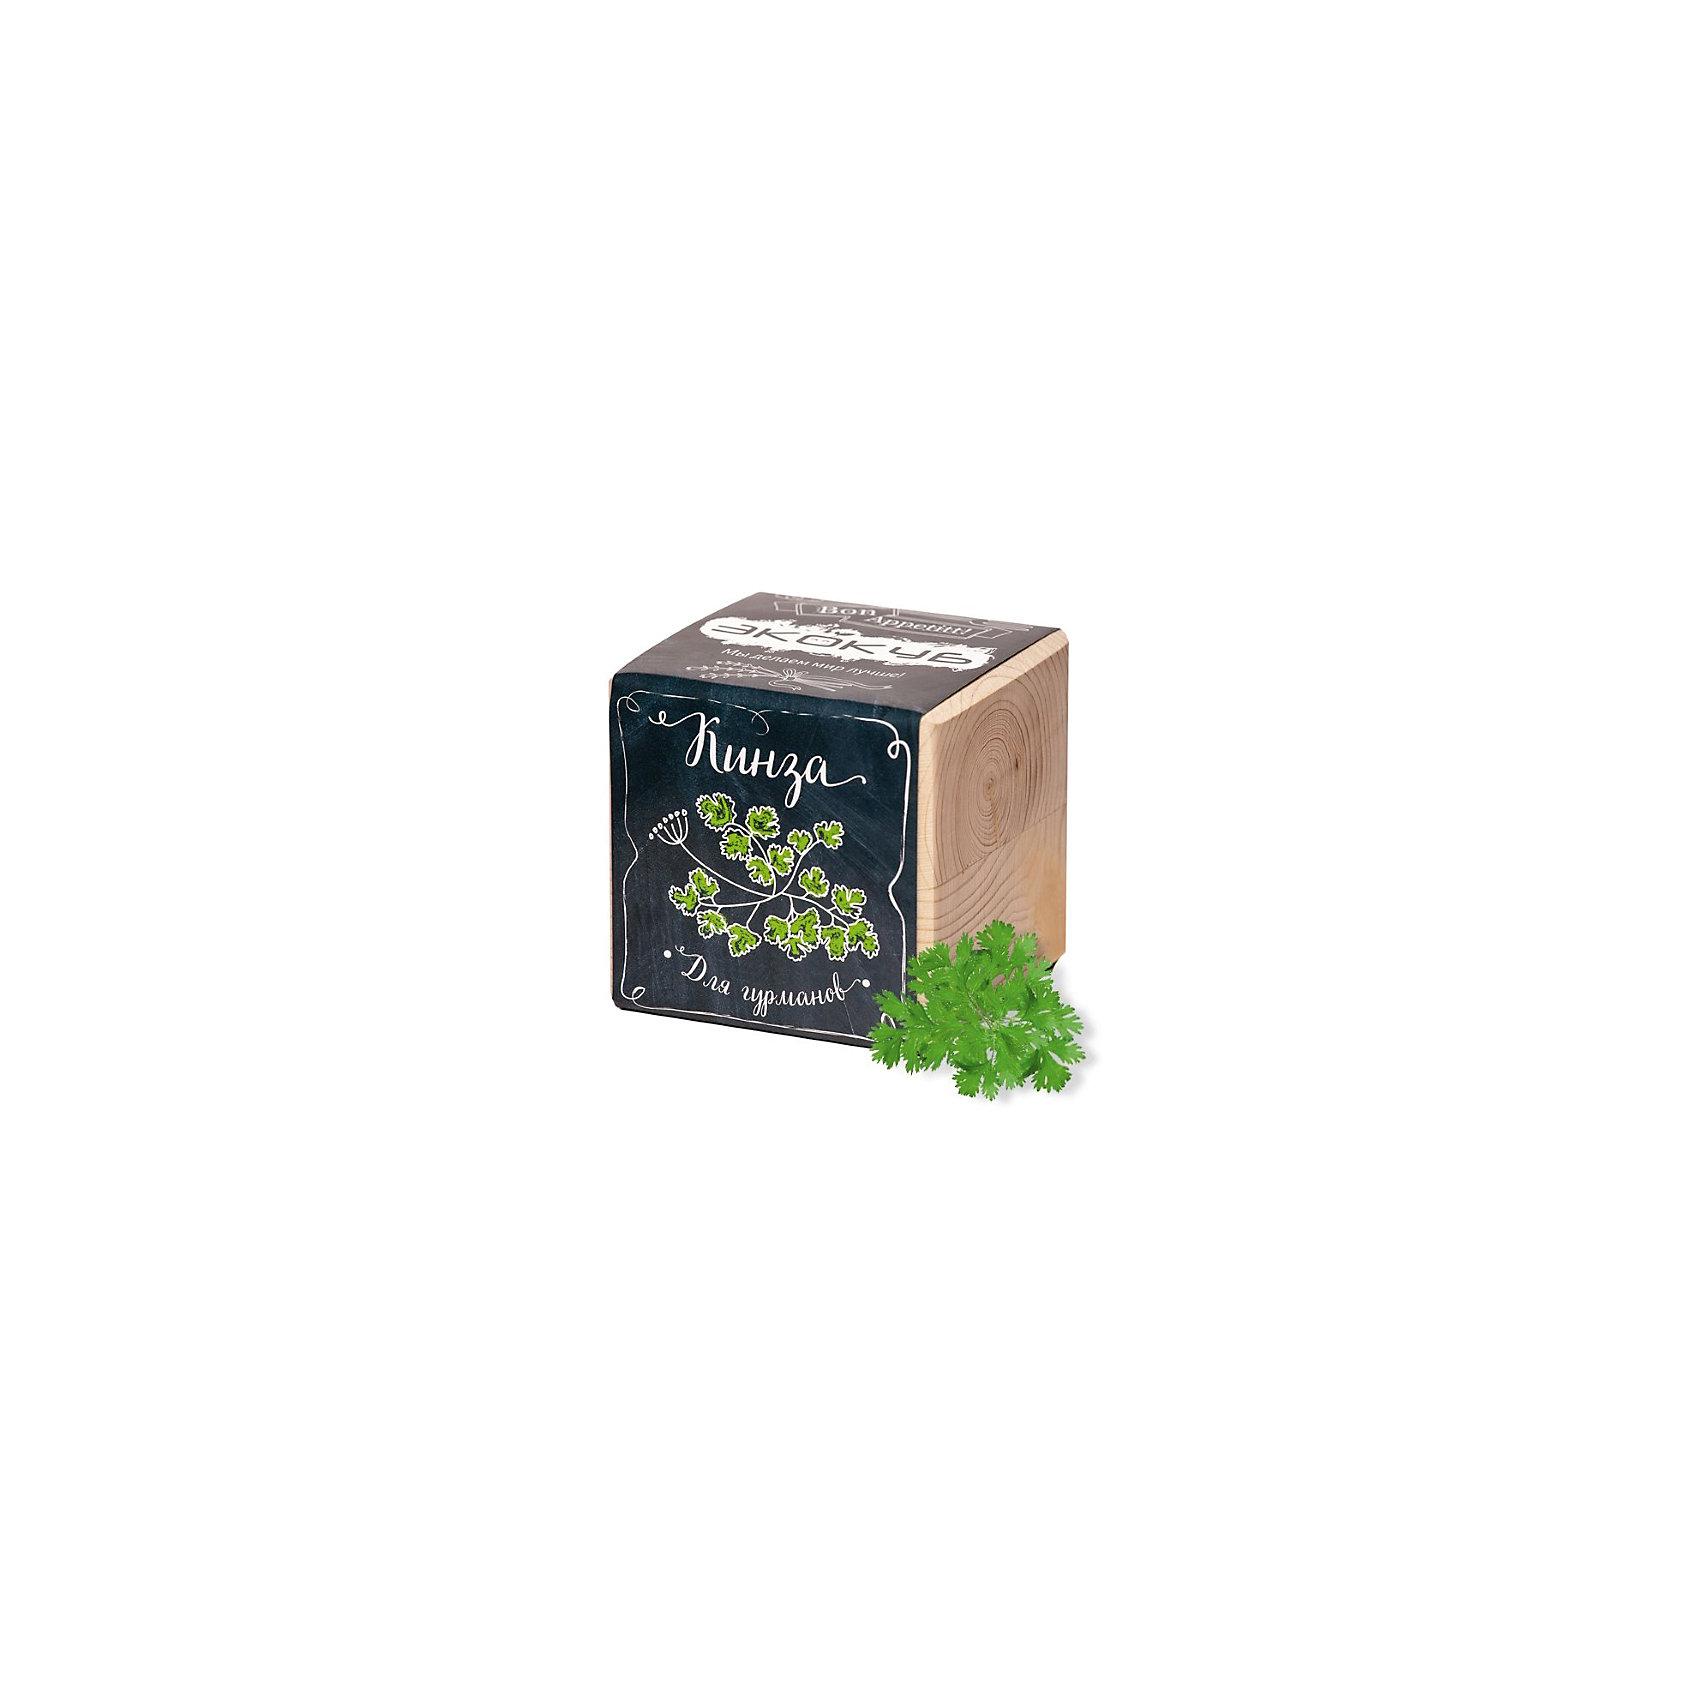 Набор для выращивания Кинза, ЭкокубНаборы для выращивания растений<br>Наборы Эко Куб - удивительная вещь, которая станет необычным украшением дома или оригинальным подарком. С виду это лишь маленьникй деревянный кубик, но внутри него спрятано настоящее деревце, которое вы самостоятельно сможете прорастить из семечка и собрать урожай. Это увлекательное и полезное занятие для всей семьи, которое поможет родителям стать ближе к своим детям. Набор учит ребенка заботиться о живых существах, воспитывает чувство ответственности.<br><br>Ширина мм: 80<br>Глубина мм: 80<br>Высота мм: 80<br>Вес г: 186<br>Возраст от месяцев: 60<br>Возраст до месяцев: 2147483647<br>Пол: Унисекс<br>Возраст: Детский<br>SKU: 5596063